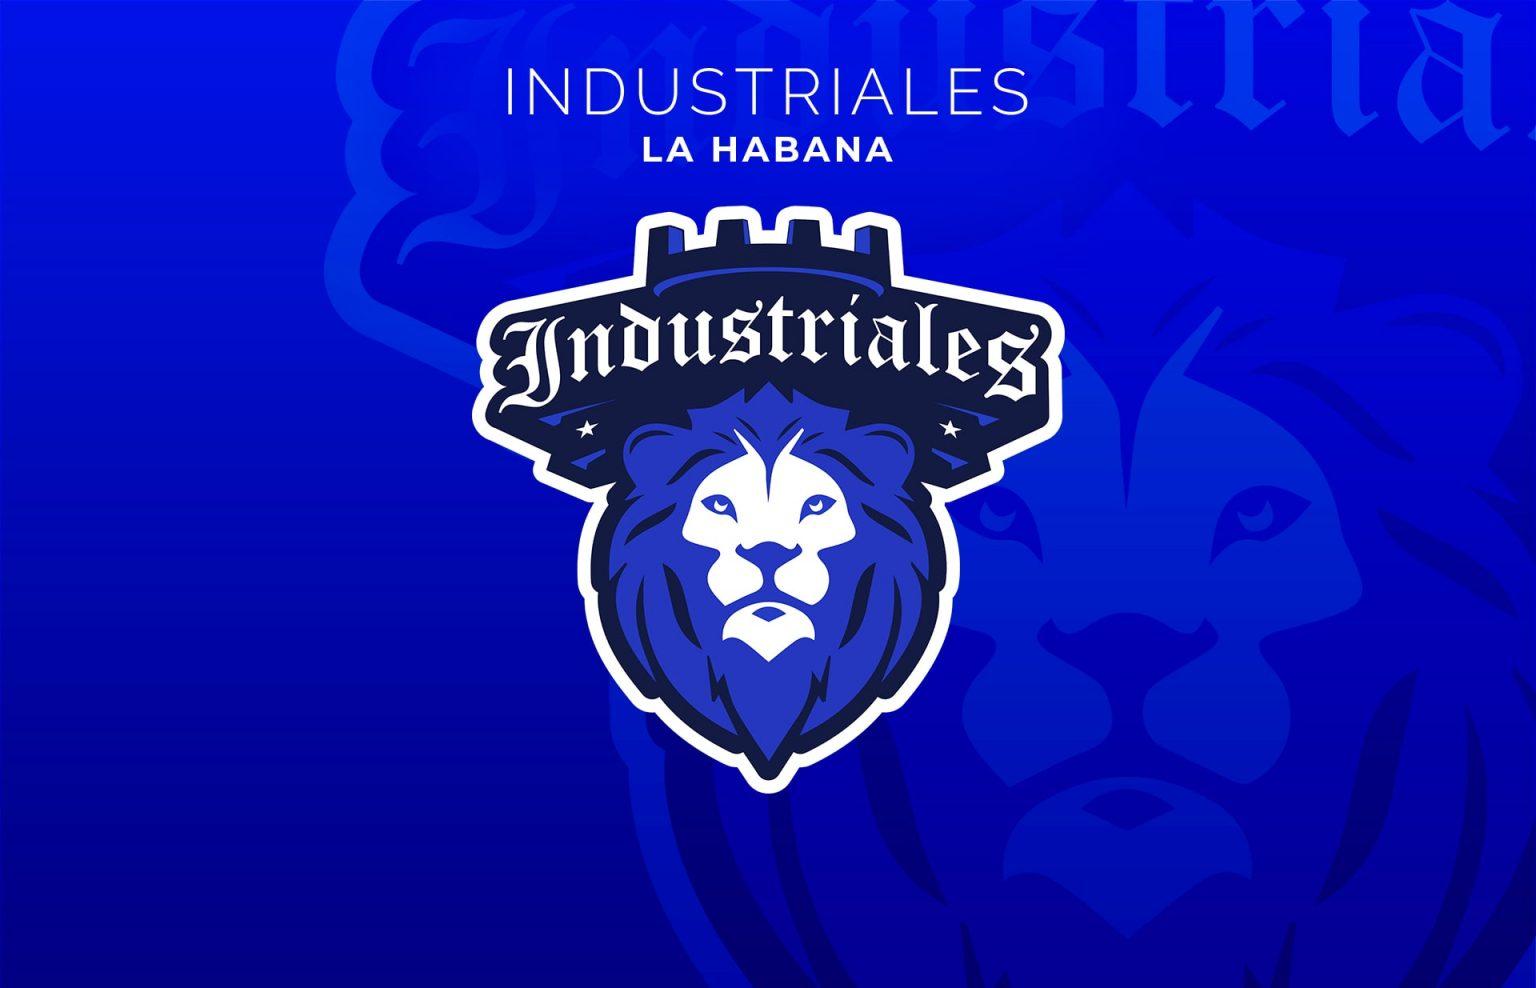 Los Industriales quedaron en el cuarto puesto de la temporada 2019-2020, con 52 sonrisas y 38 descalabros